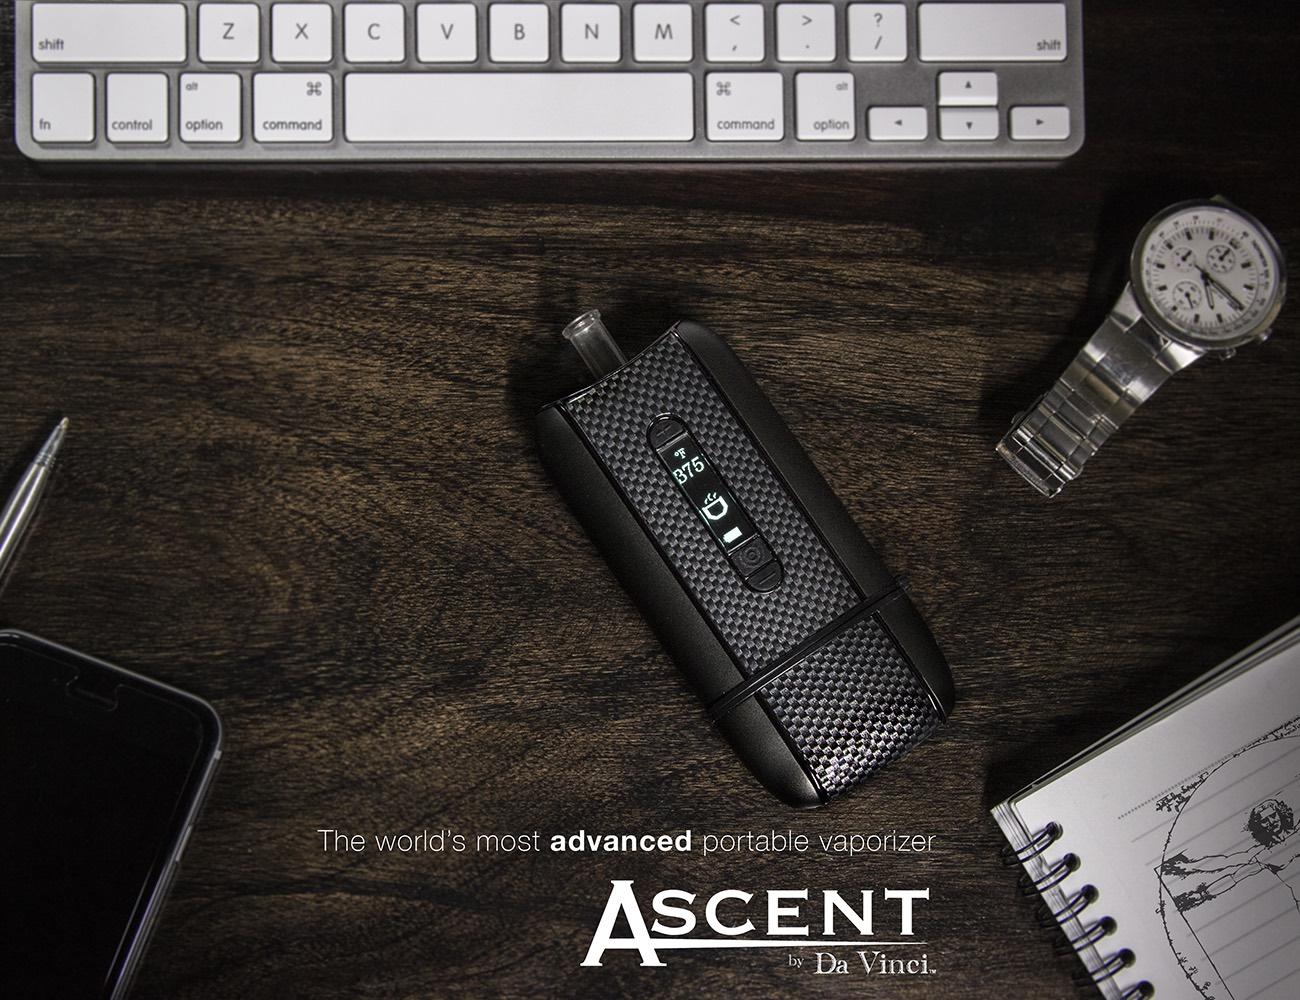 davinci-ascent-vaporizers-04